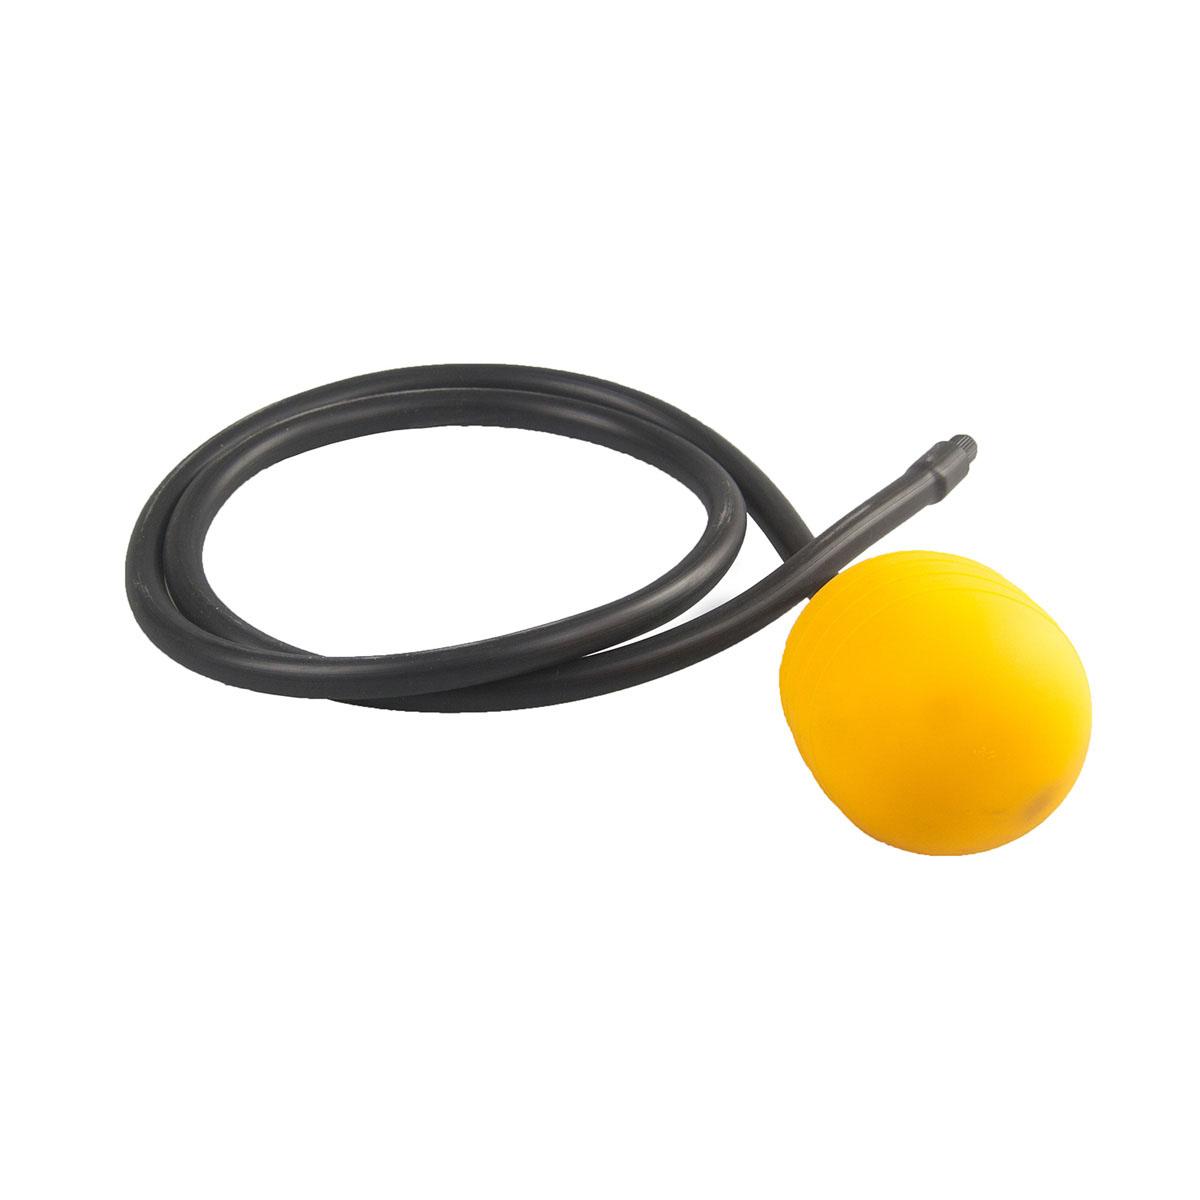 Rohrverschluss, gelb, 72 - 92 mm, L 1.5 m